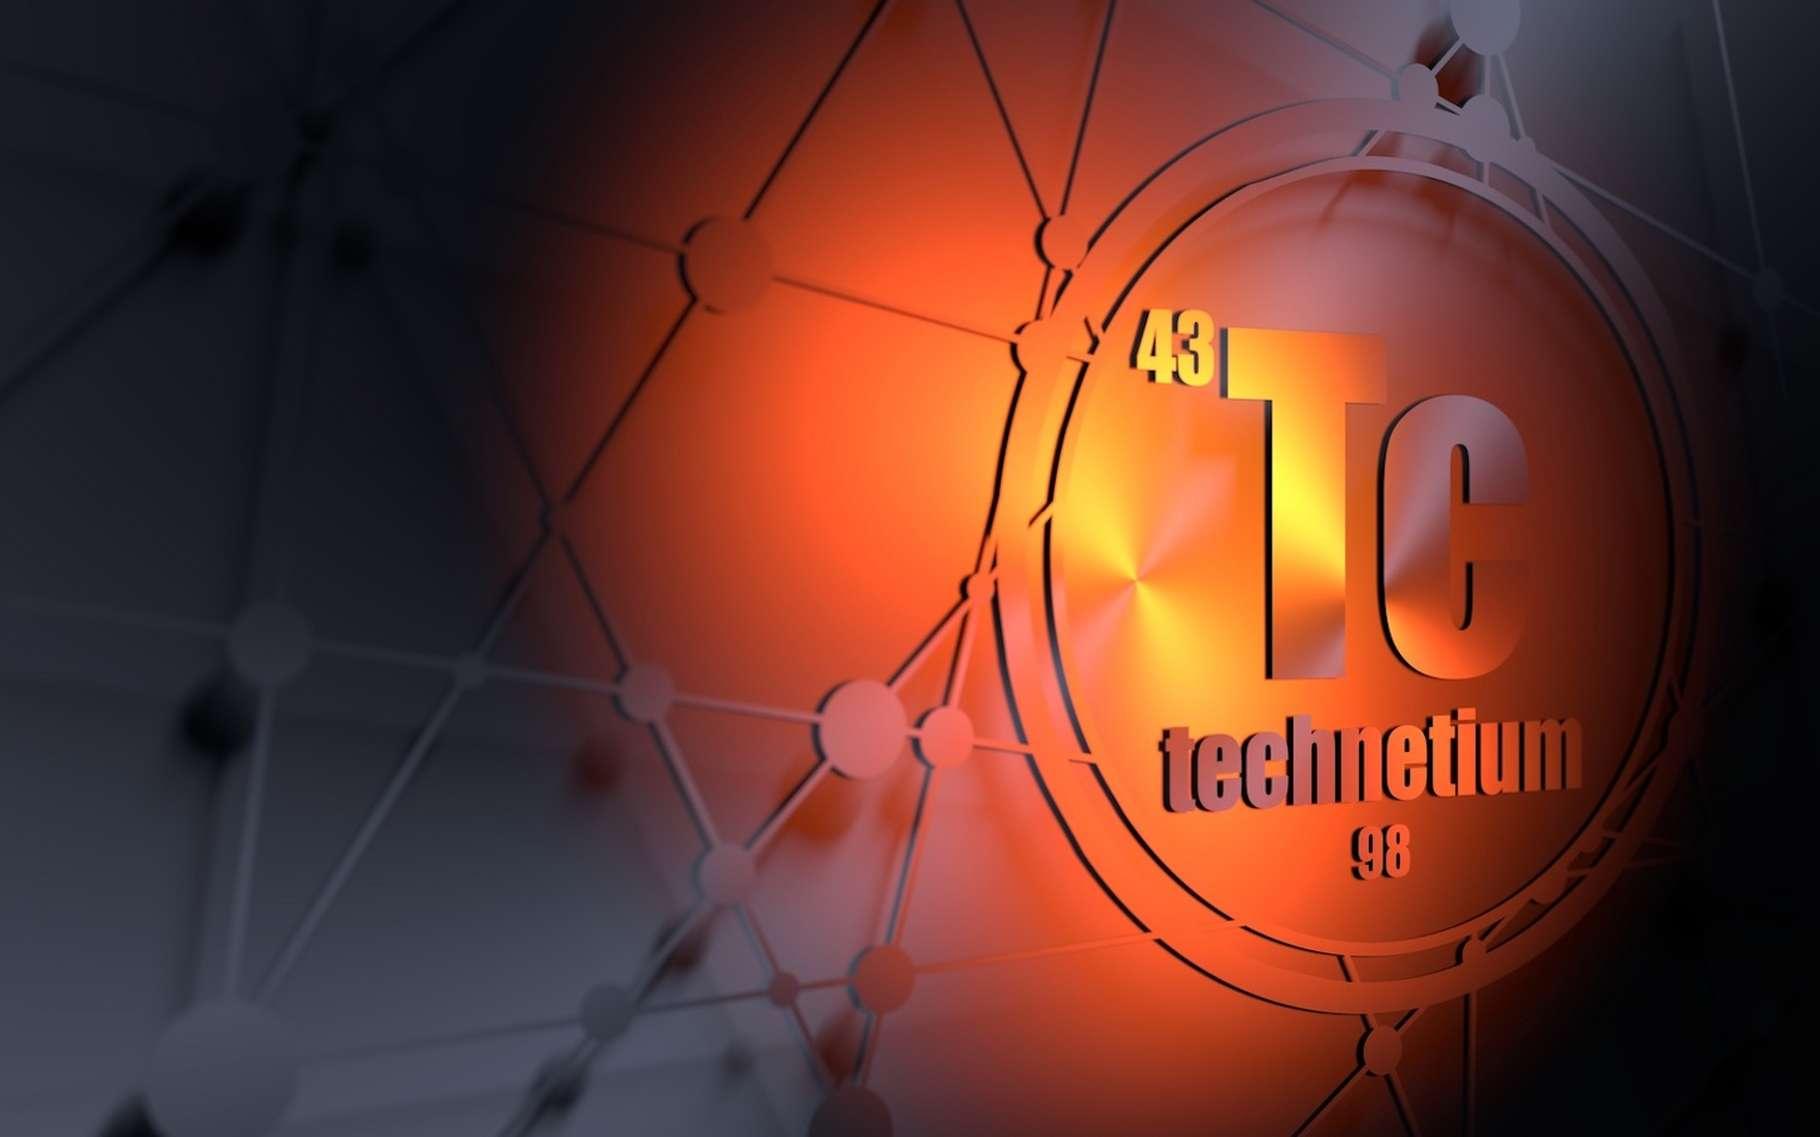 Le technétium a été le premier élément créé artificiellement en 1937. © angellodeco, Fotolia